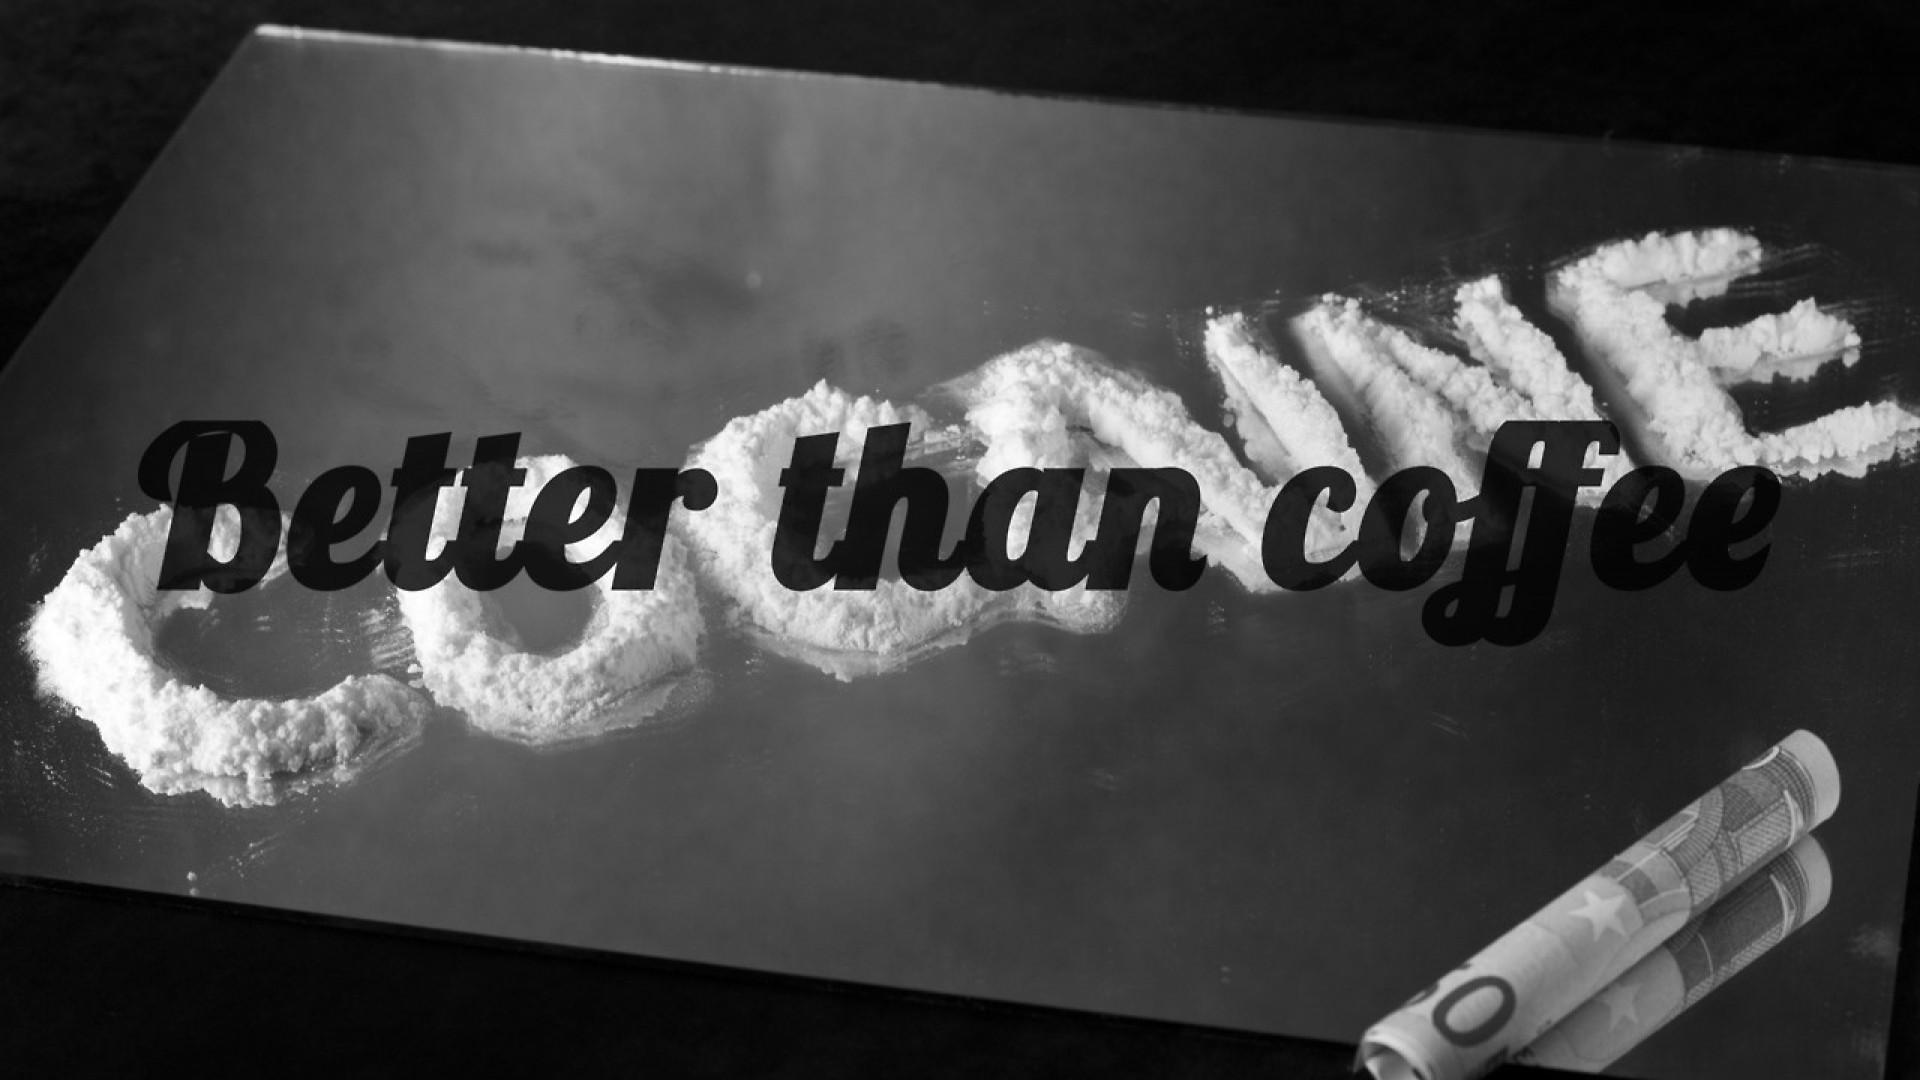 Fonds dcran Cocaine tous les wallpapers Cocaine 1920x1080